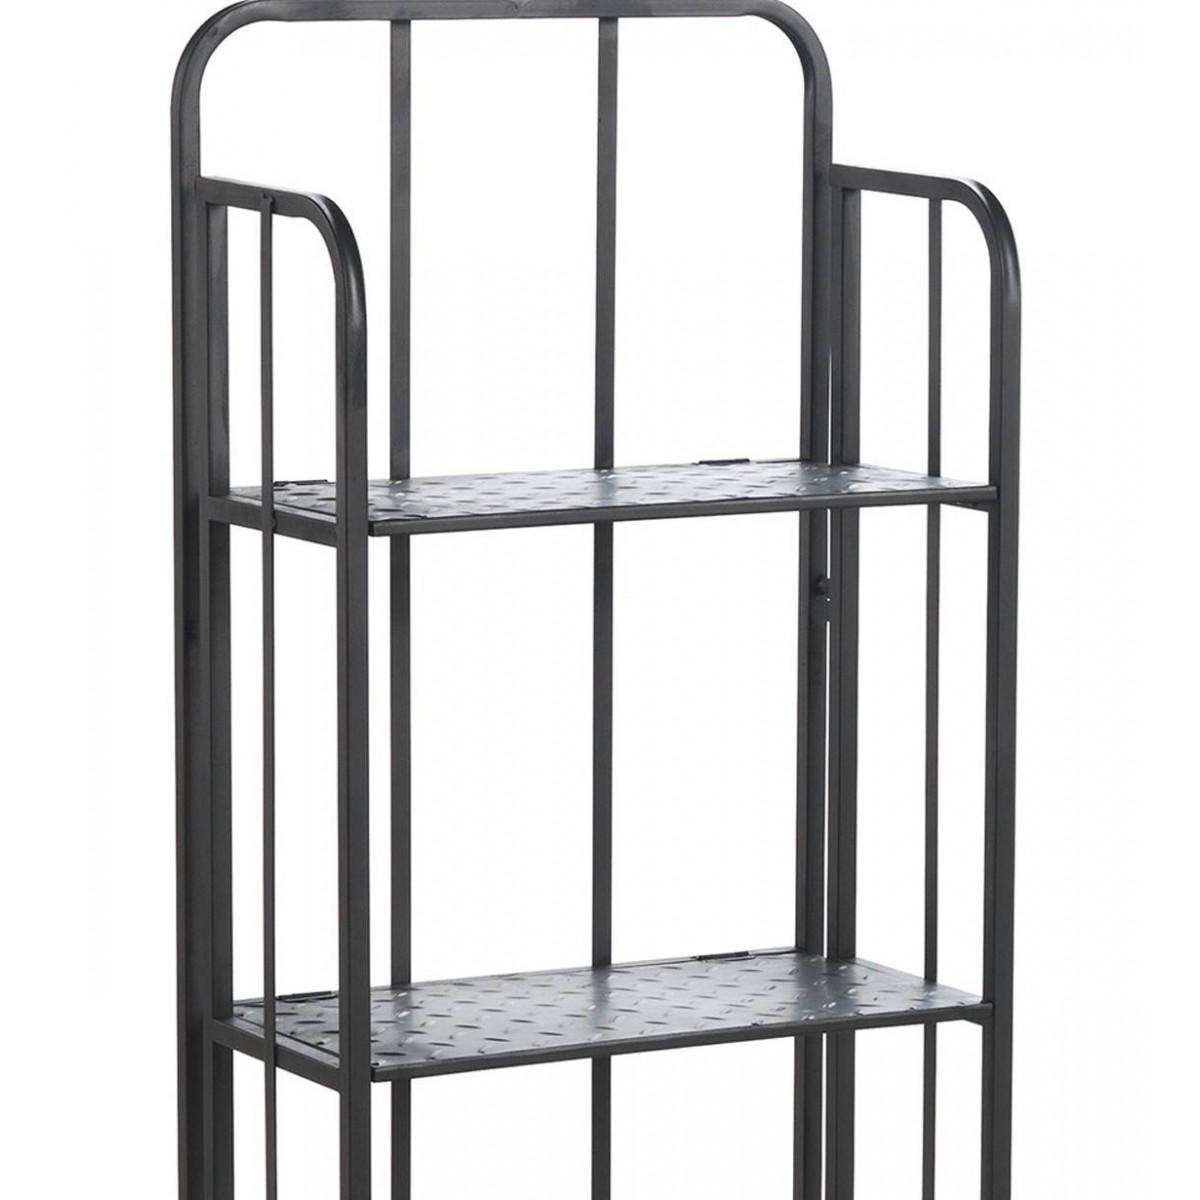 Estanter a 4 baldas metal gris oscuro industrial for Mueble gris oscuro